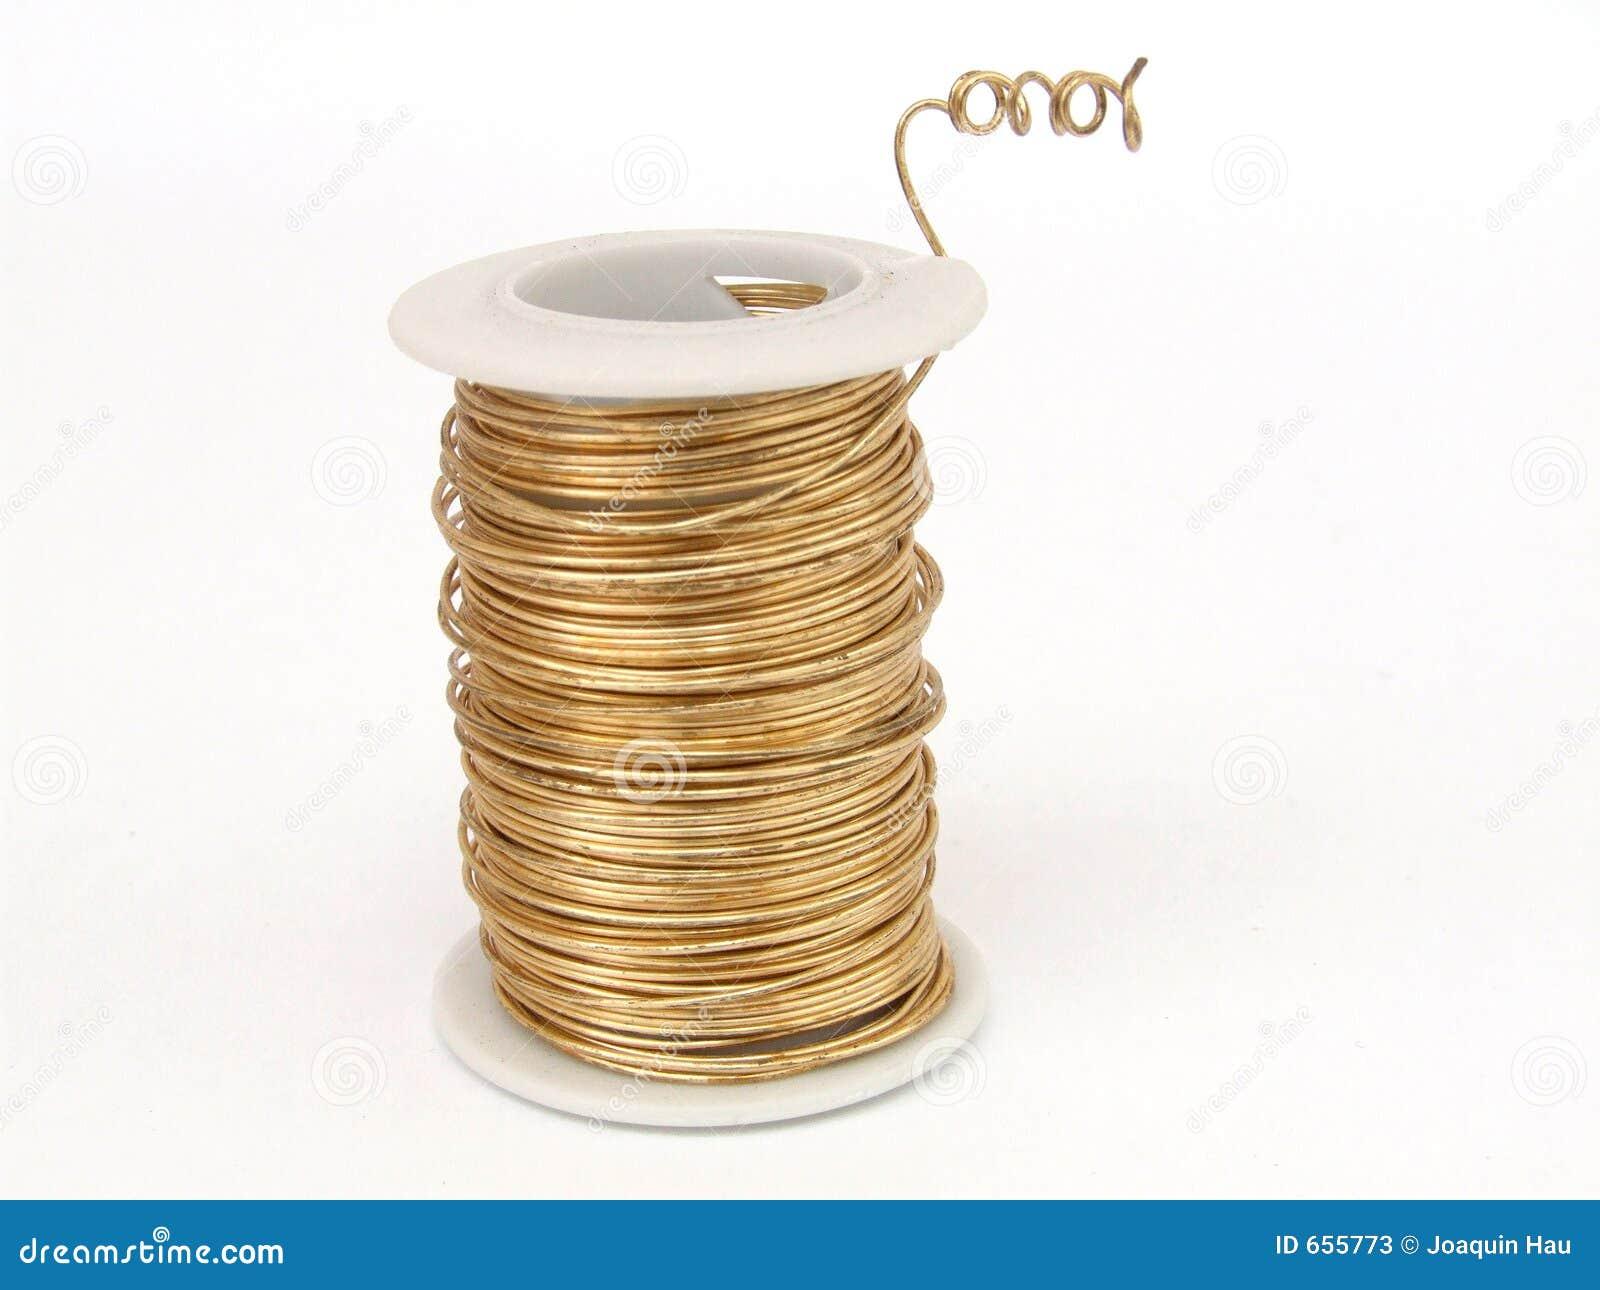 铜短管轴电汇